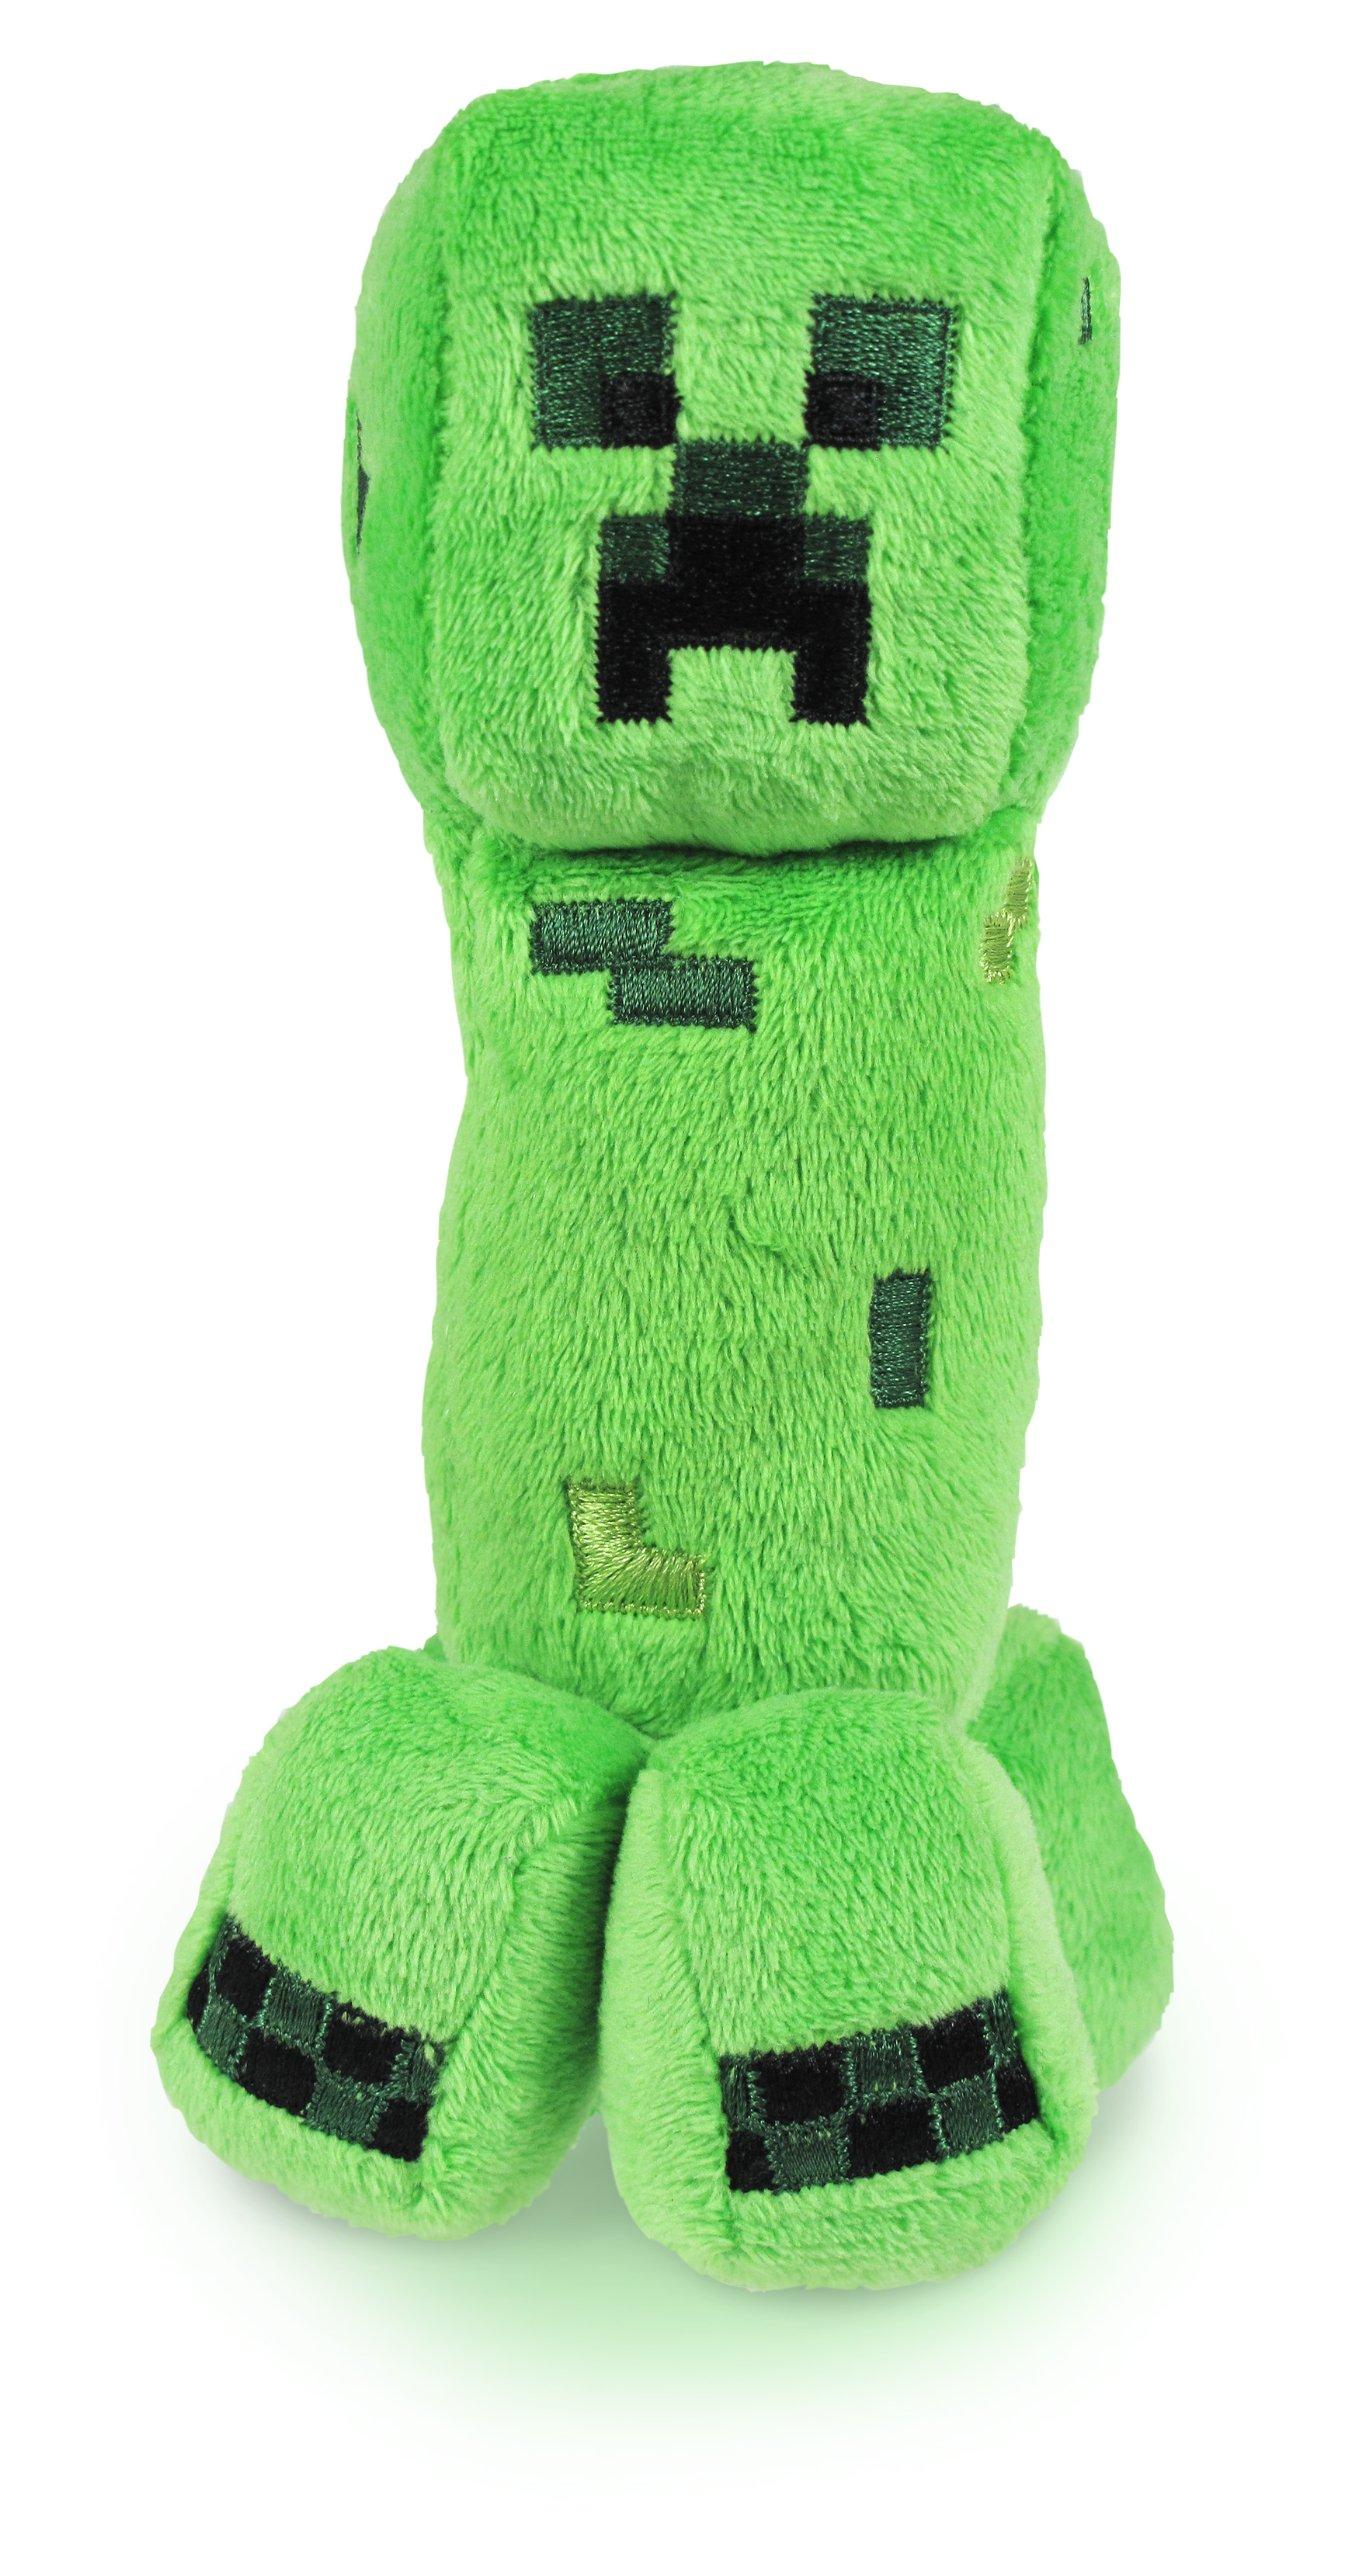 игрушки майнкрафт изображение #6